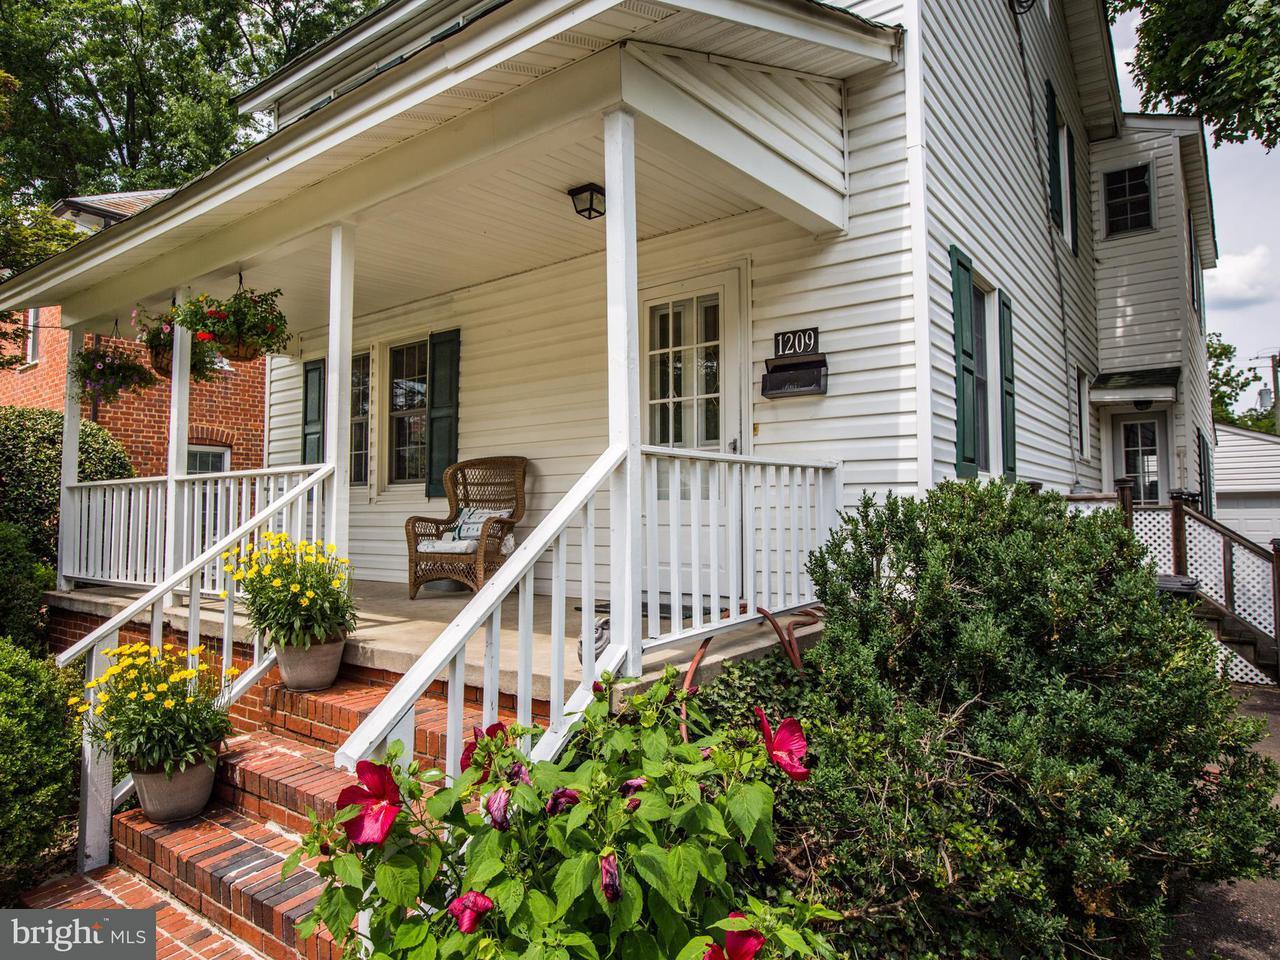 一戸建て のために 売買 アット 1209 Littlepage Street 1209 Littlepage Street Fredericksburg, バージニア 22401 アメリカ合衆国